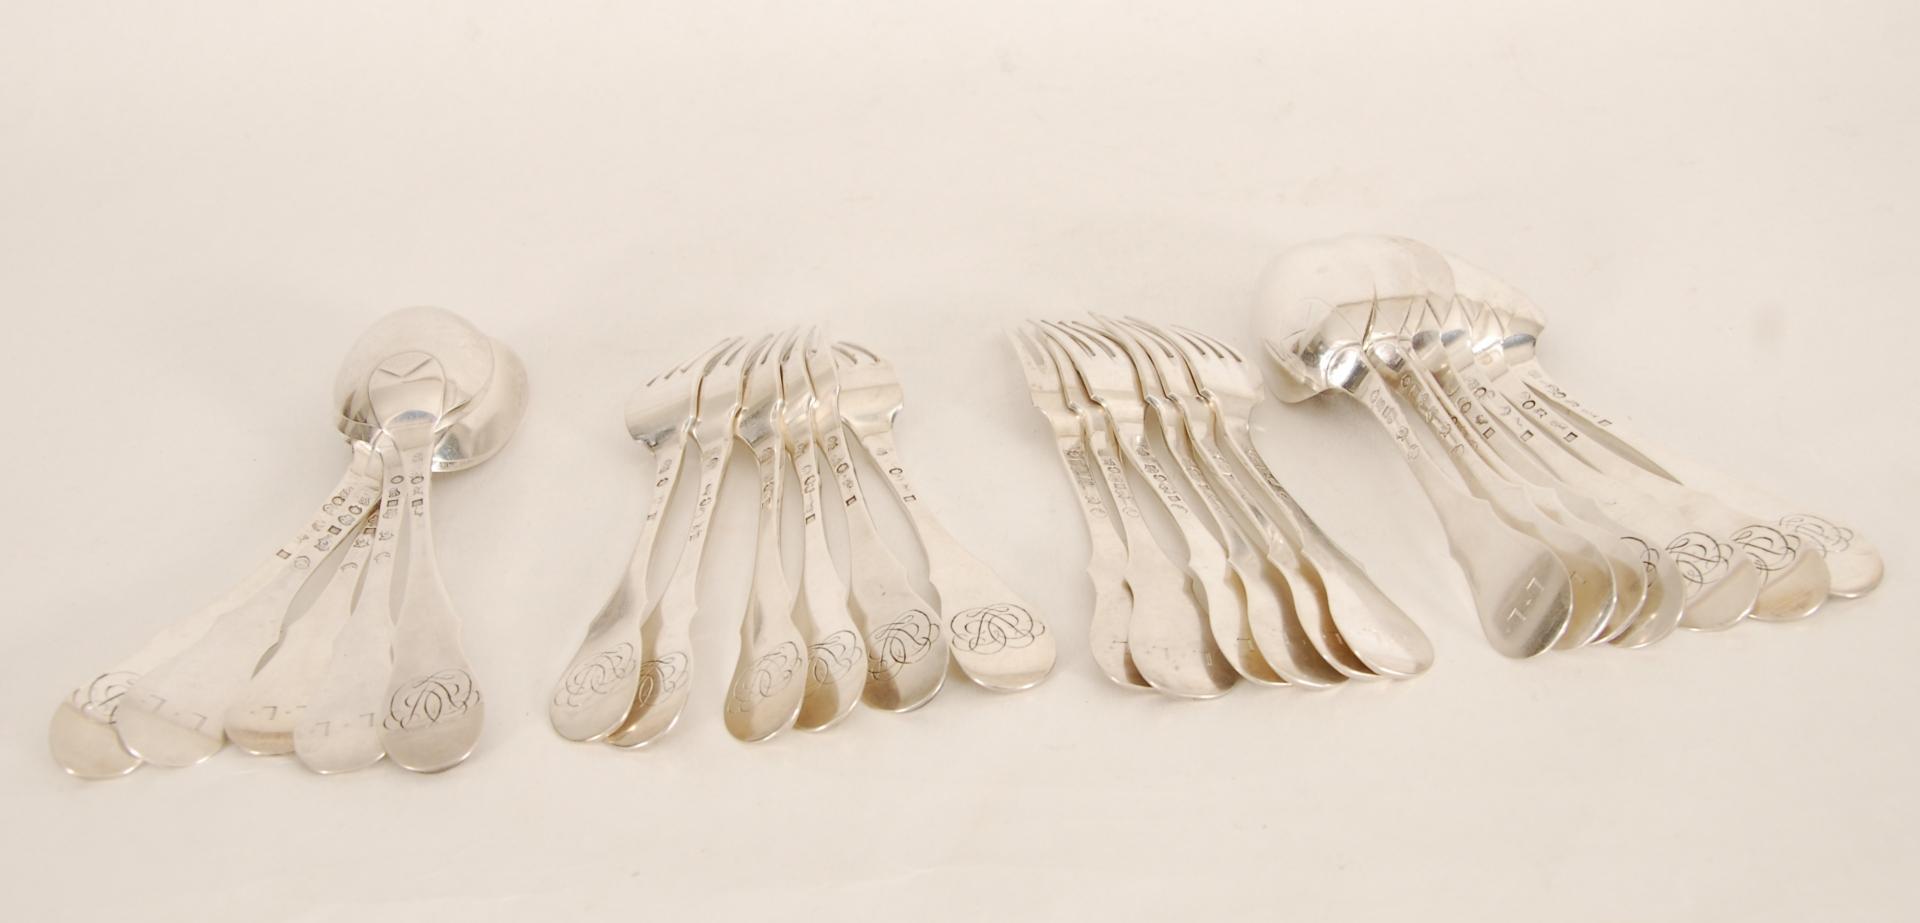 Douze fourchettes et douze cuillères